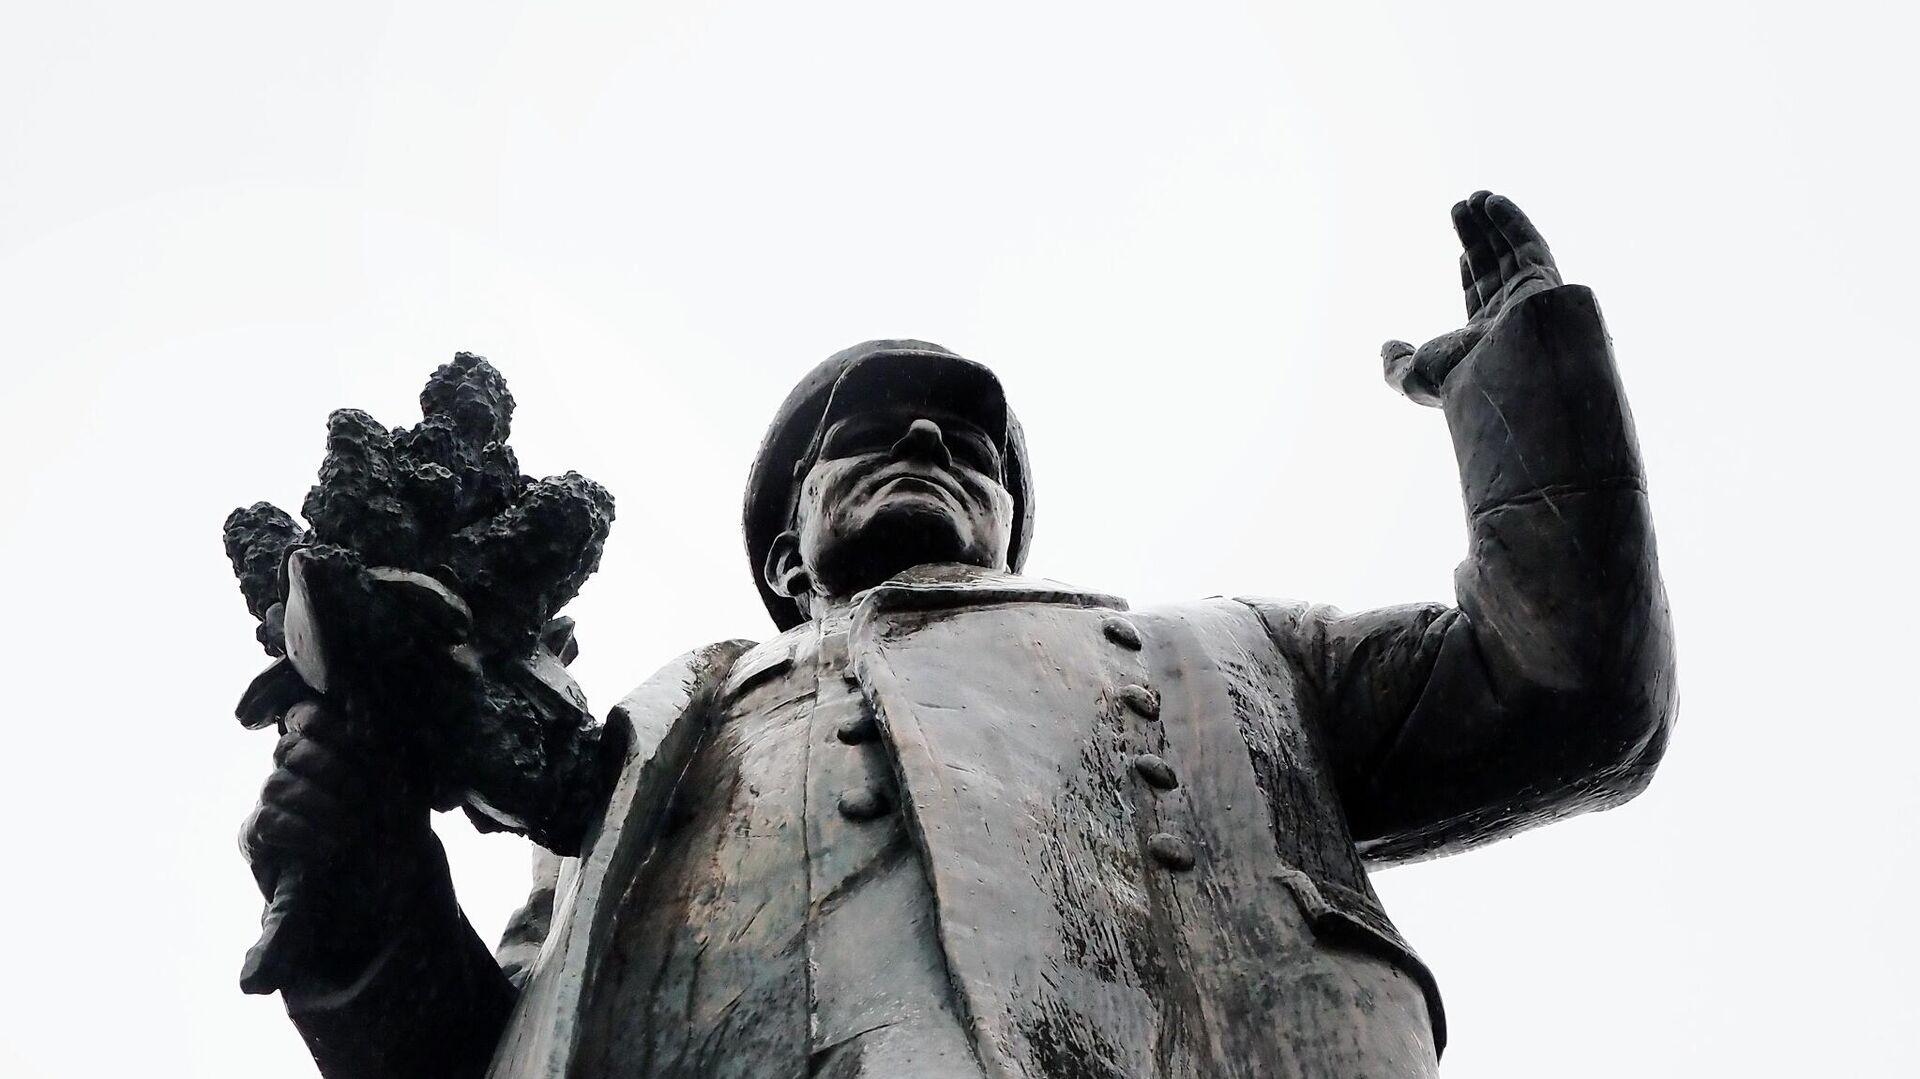 Памятник Маршалу Коневу в Праге - РИА Новости, 1920, 01.12.2020